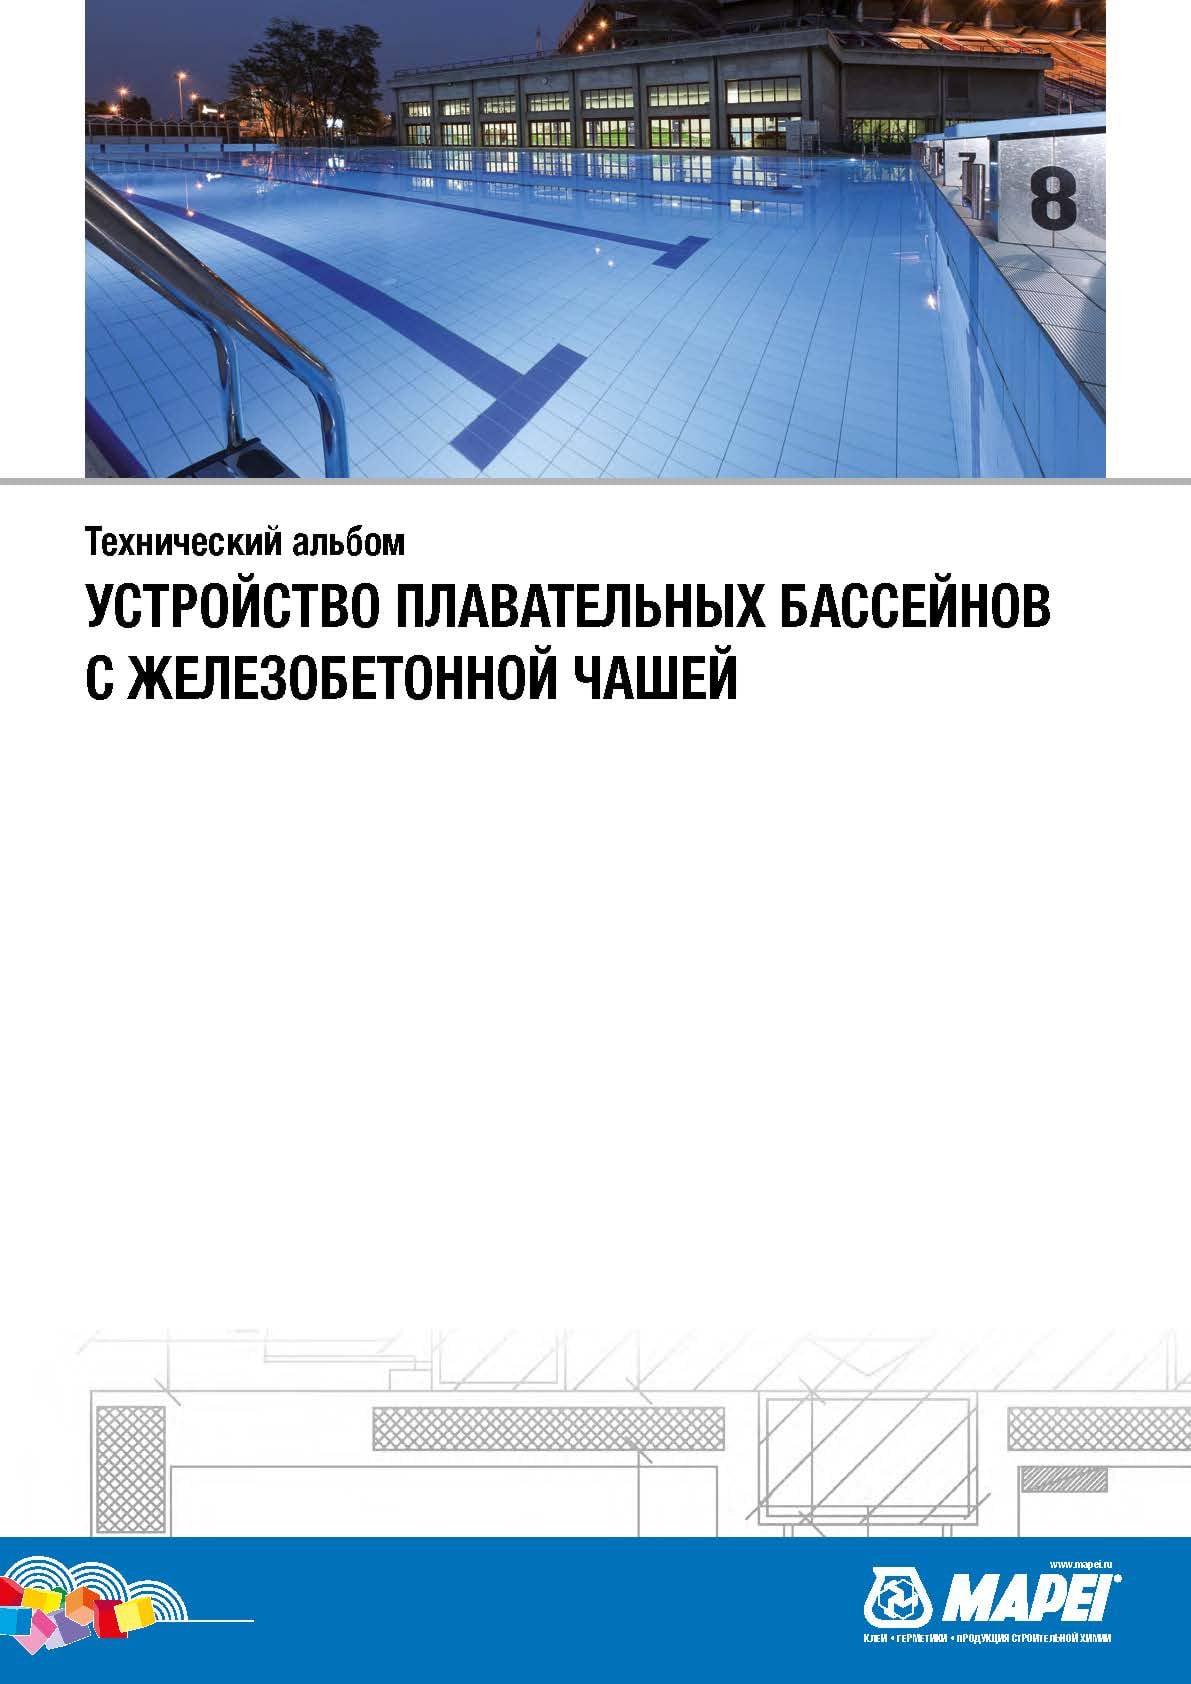 """Технический альбом """"Устройство плавательных бассейнов"""""""